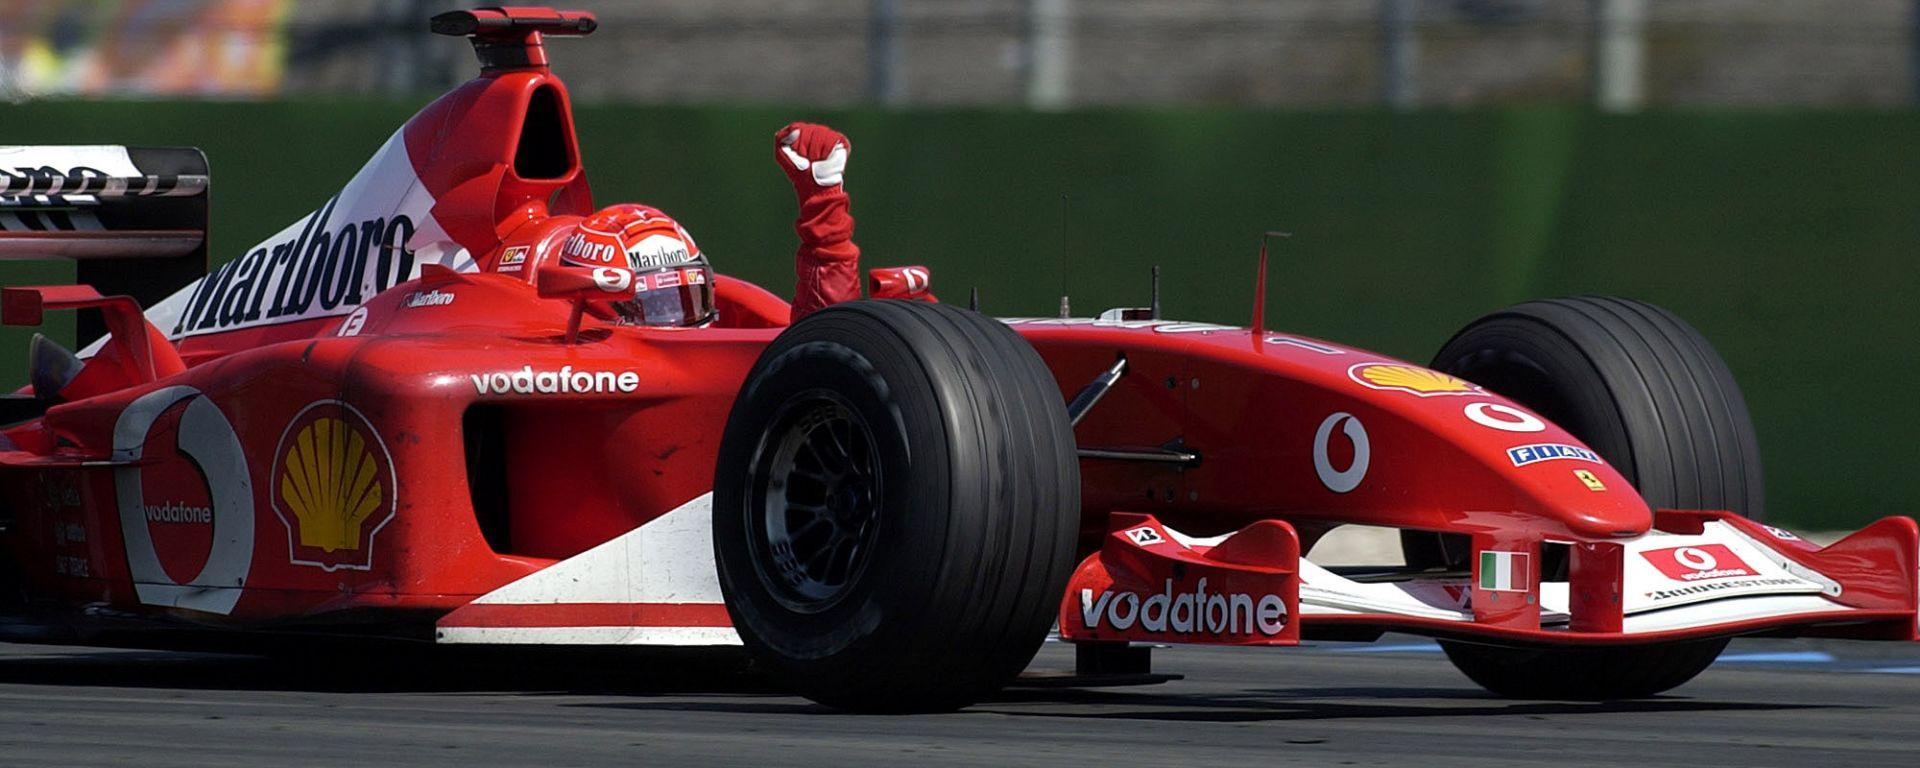 In vendita la Ferrari con cui Schumacher vinse il mondiale